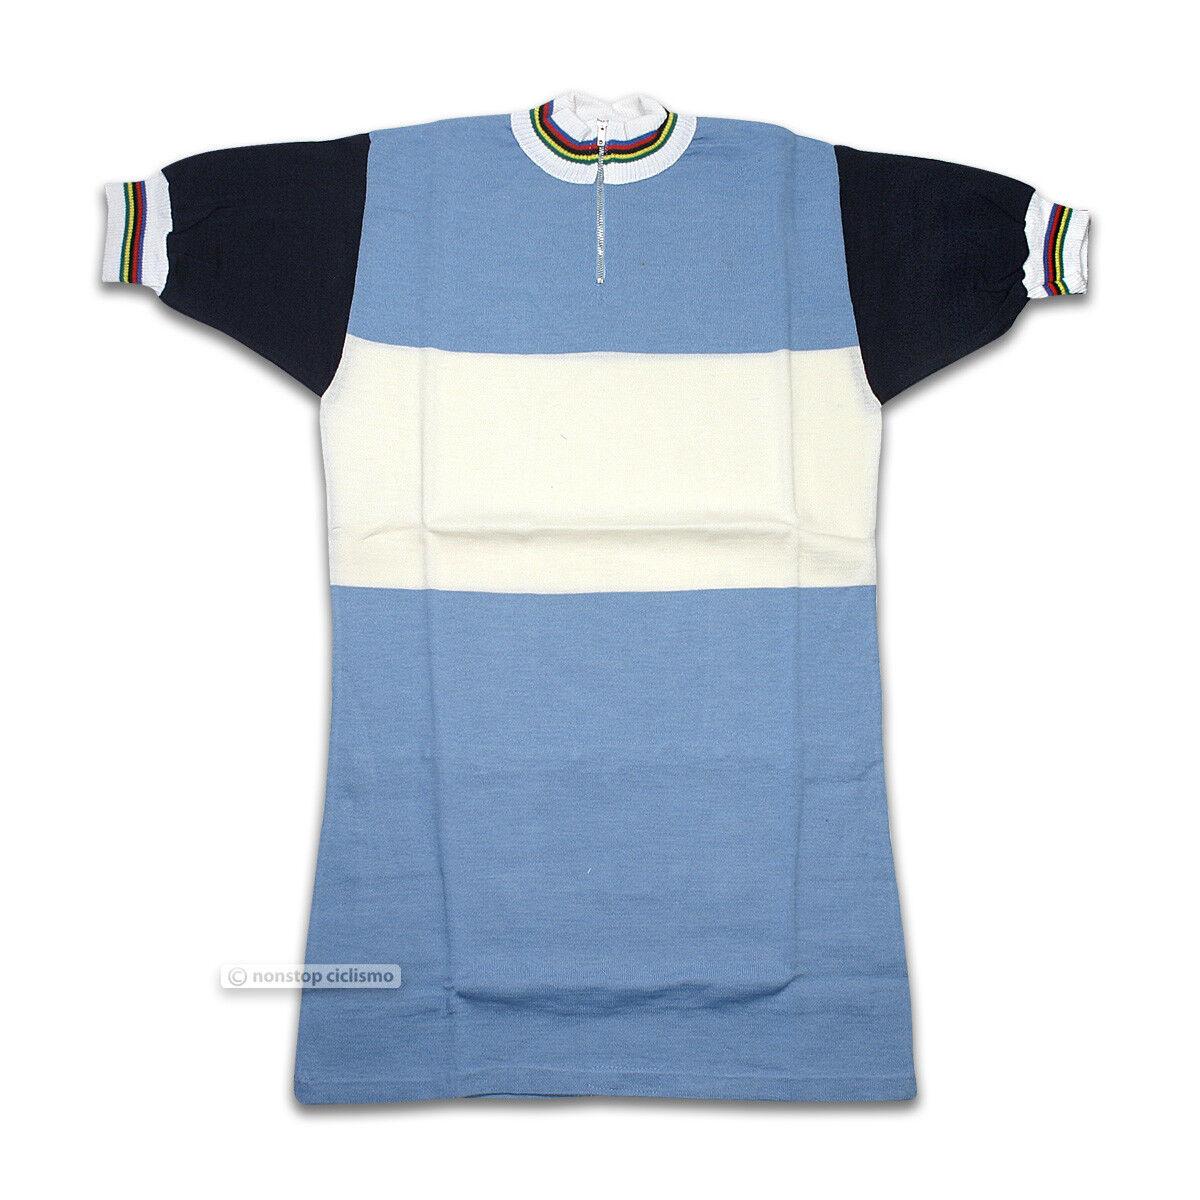 Vintage Moa Sport Wollmischung Eroica Radsport Trikot Azzure/Weiß/Marineblau -